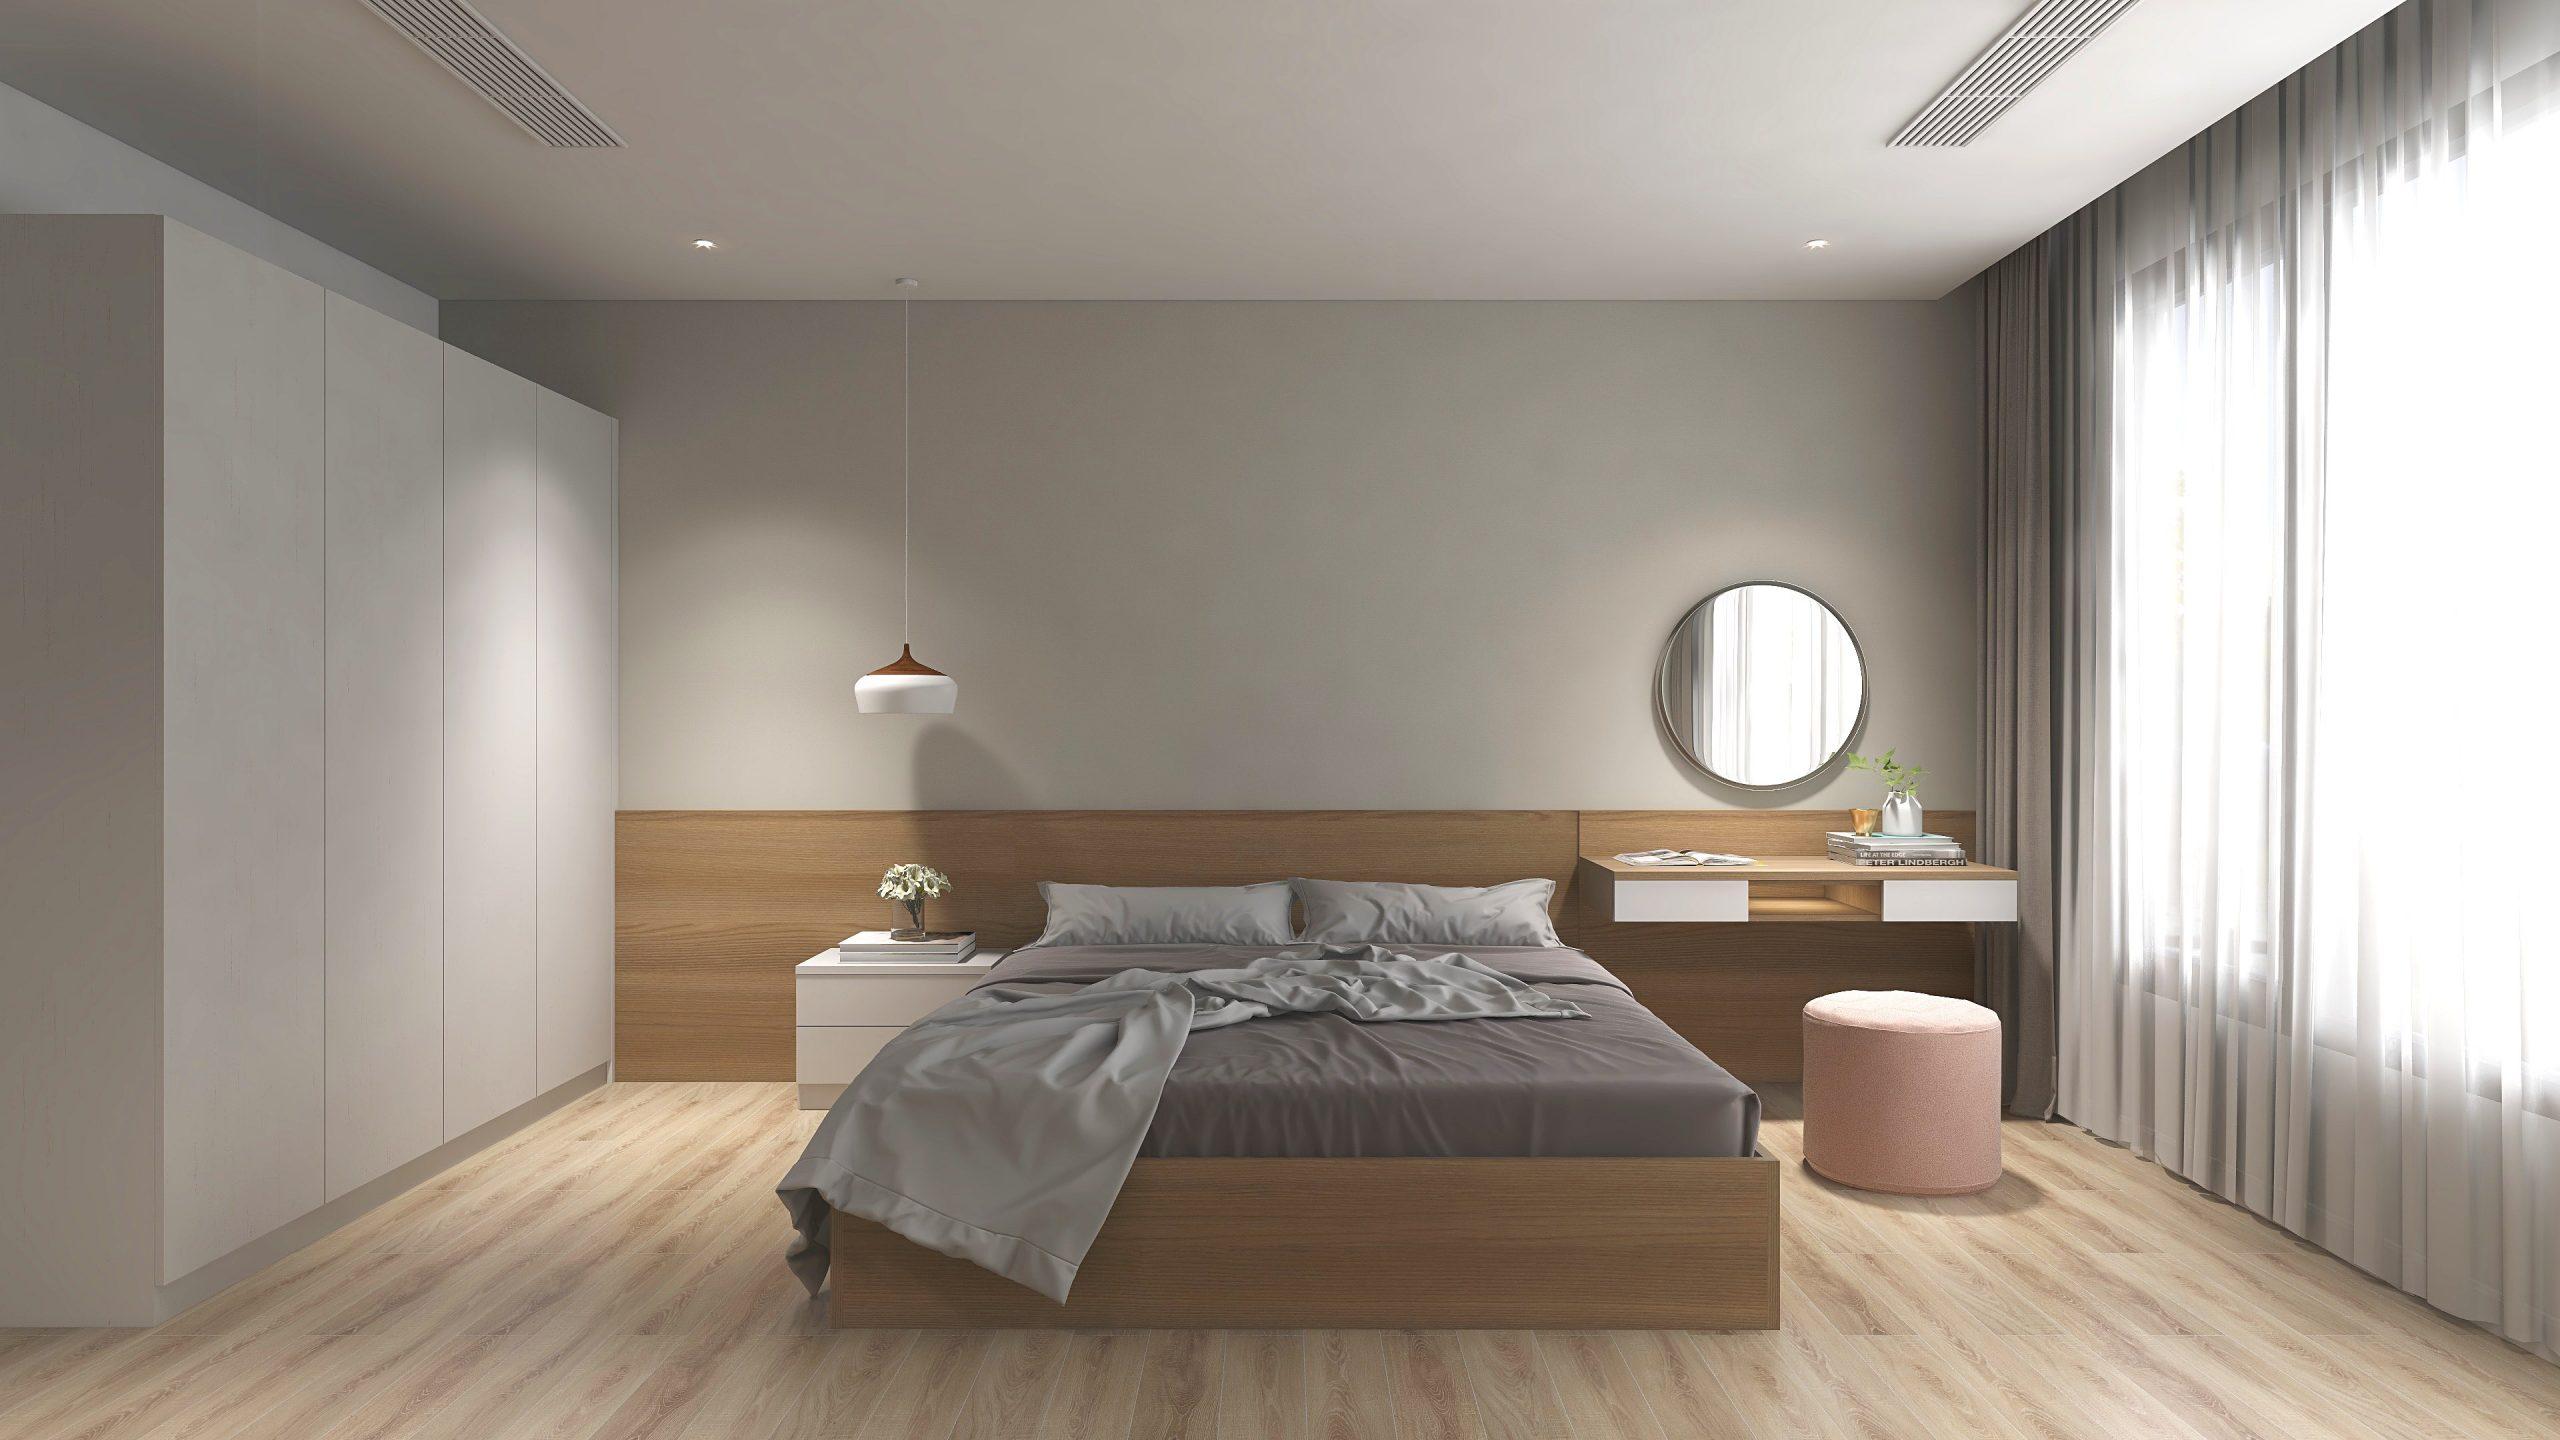 Sử dụng gam màu trung tính, nhạt và trầm sẽ mang đến không gian nghỉ ngơi thoải mái, dễ chịu cho lứa đôi